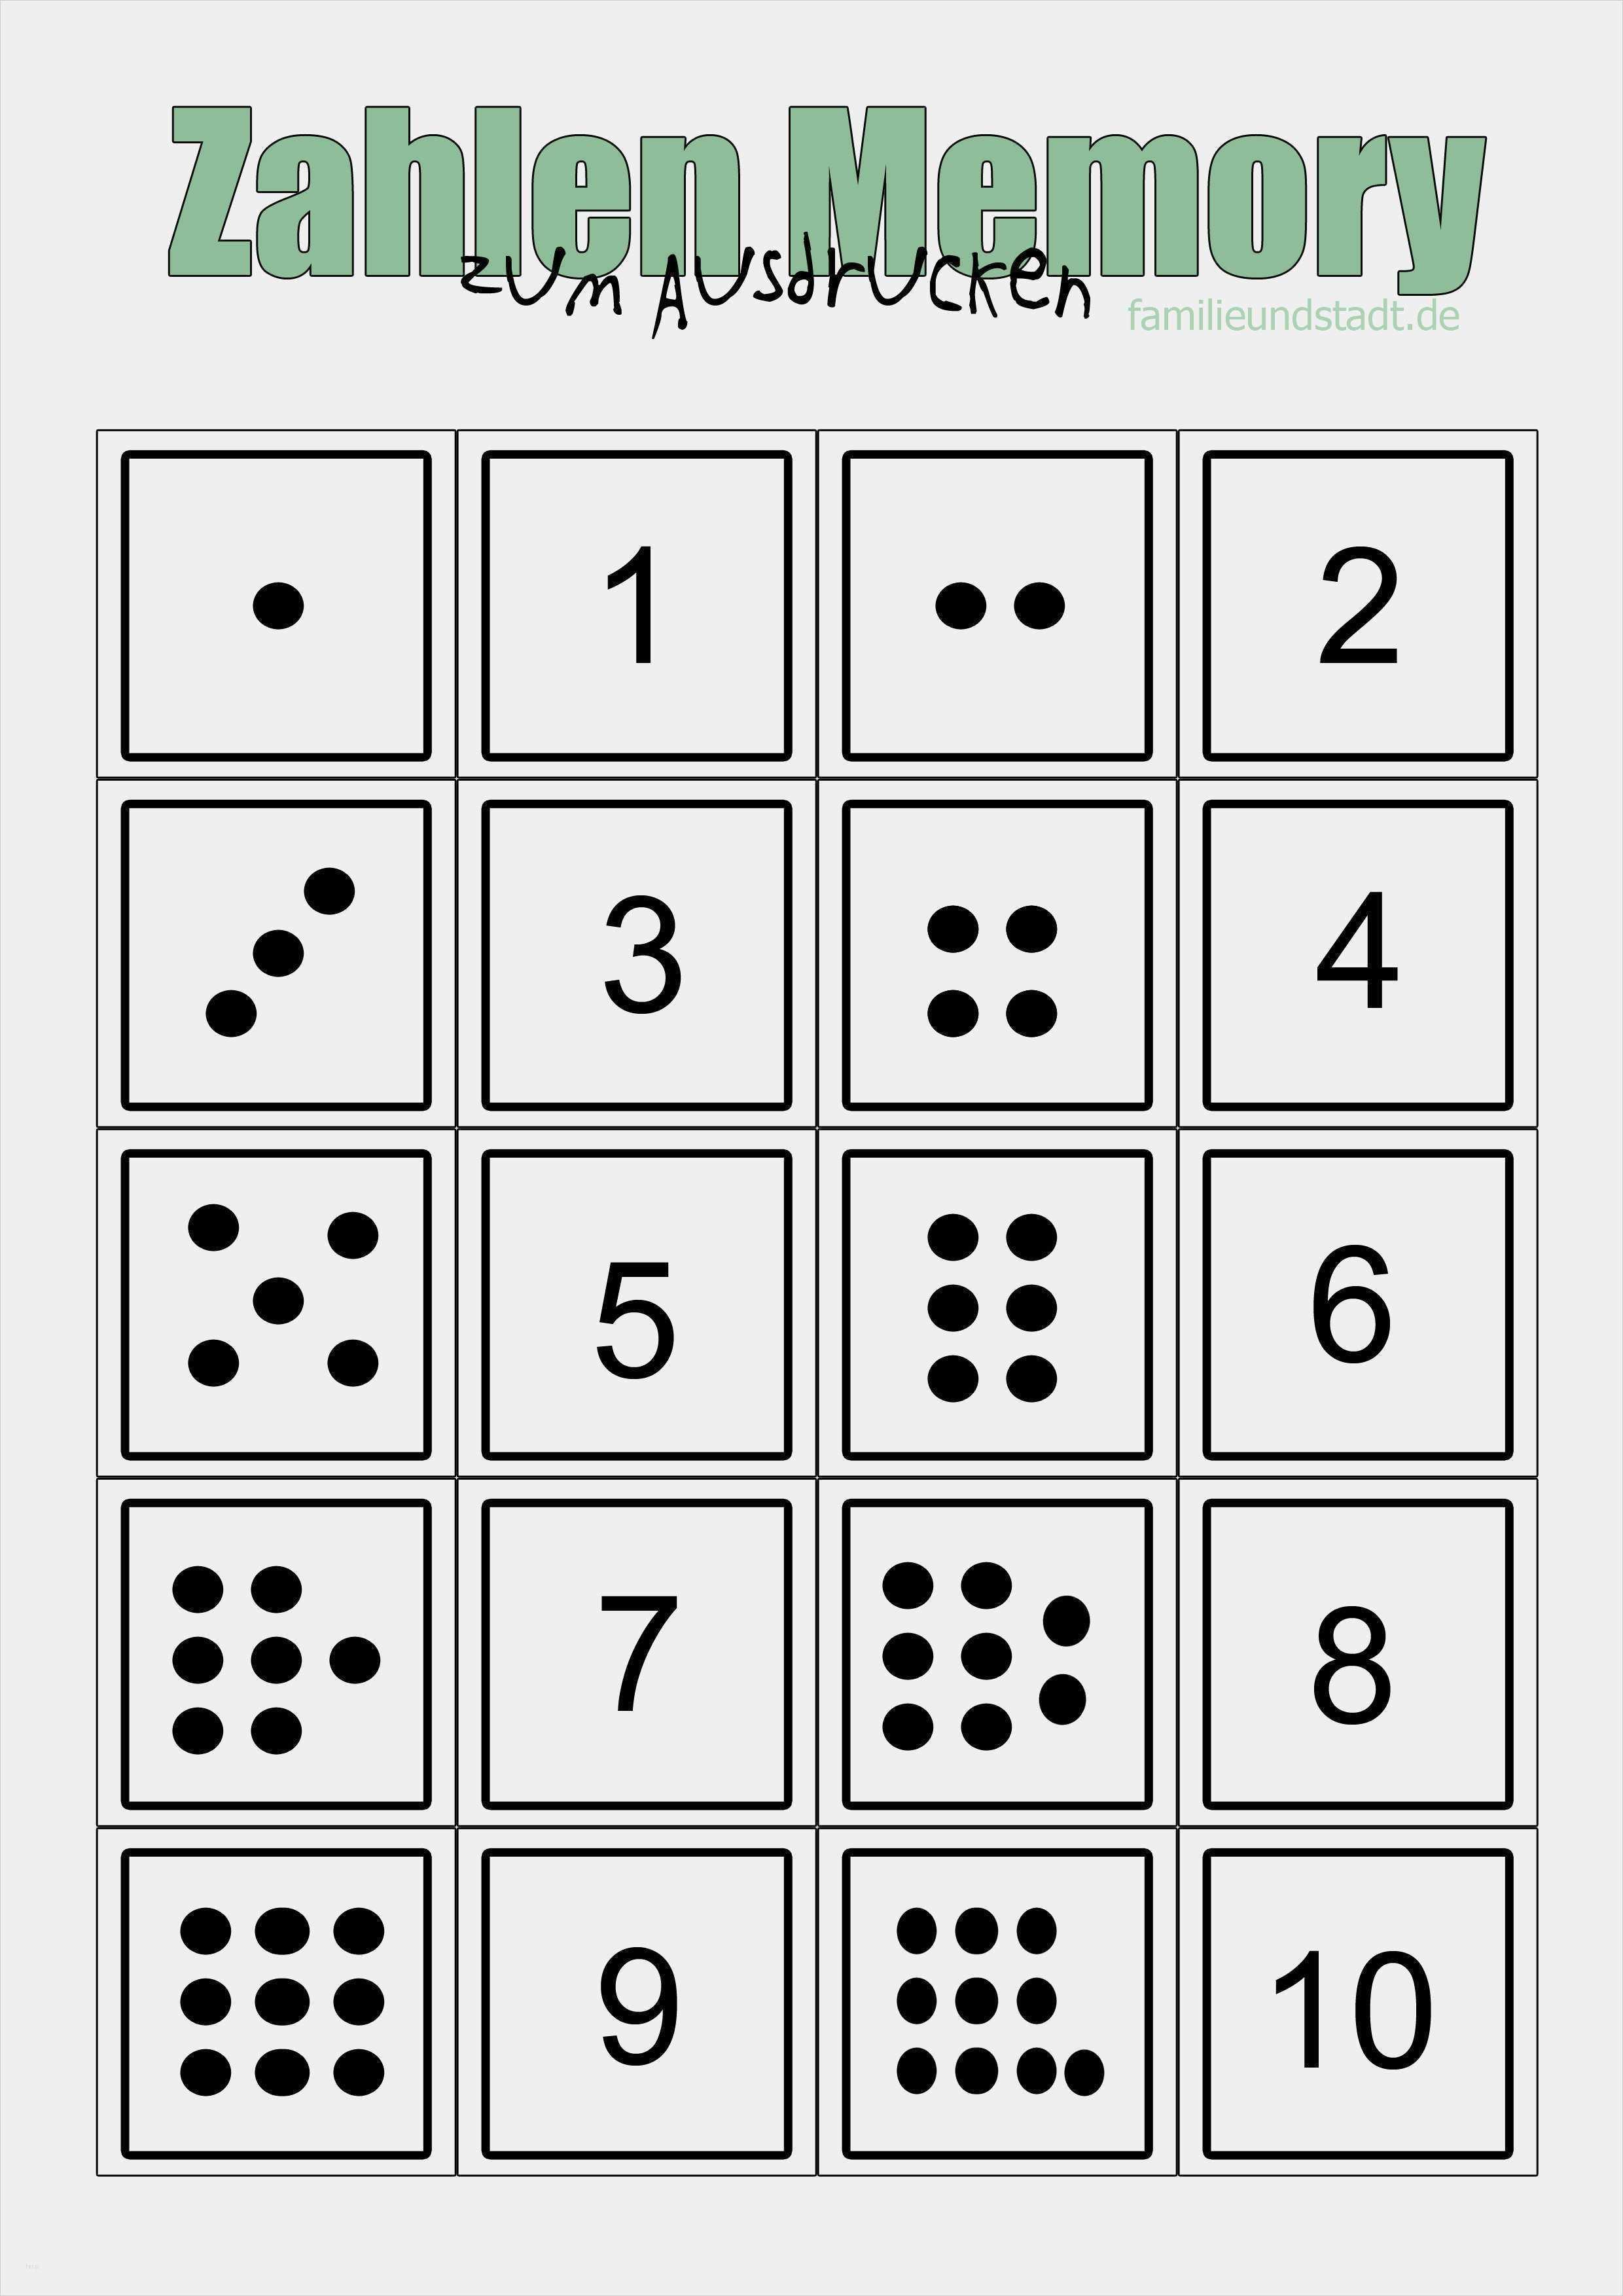 34 Angenehm Memory Spiel Selber Machen Vorlage Bilder Ausdrucken Zahlen Lernen Zahlen Lernen Vorschule